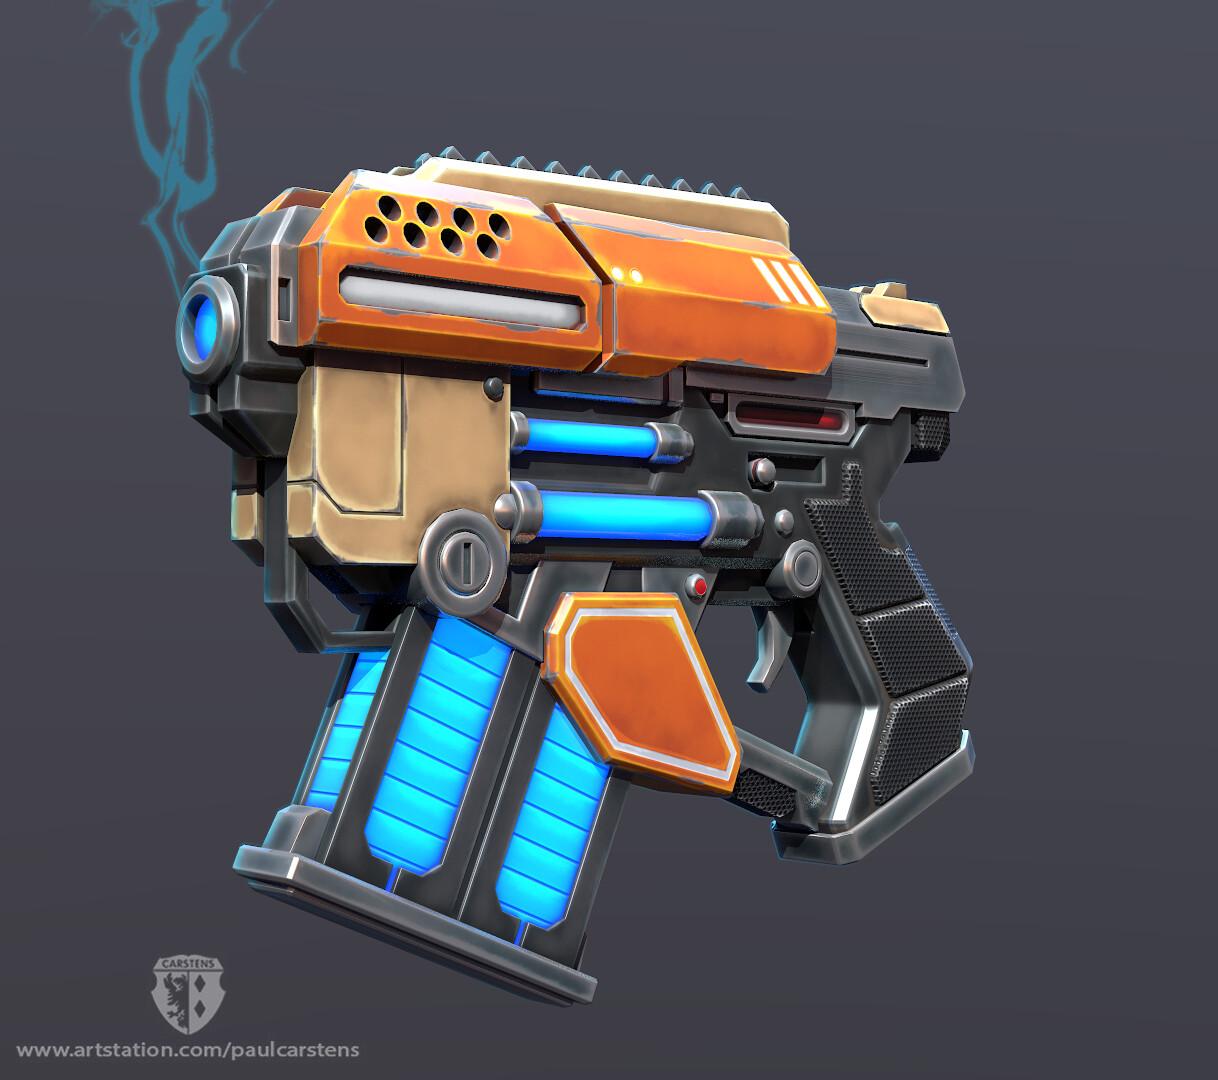 Sci-fi Blaster Pistol